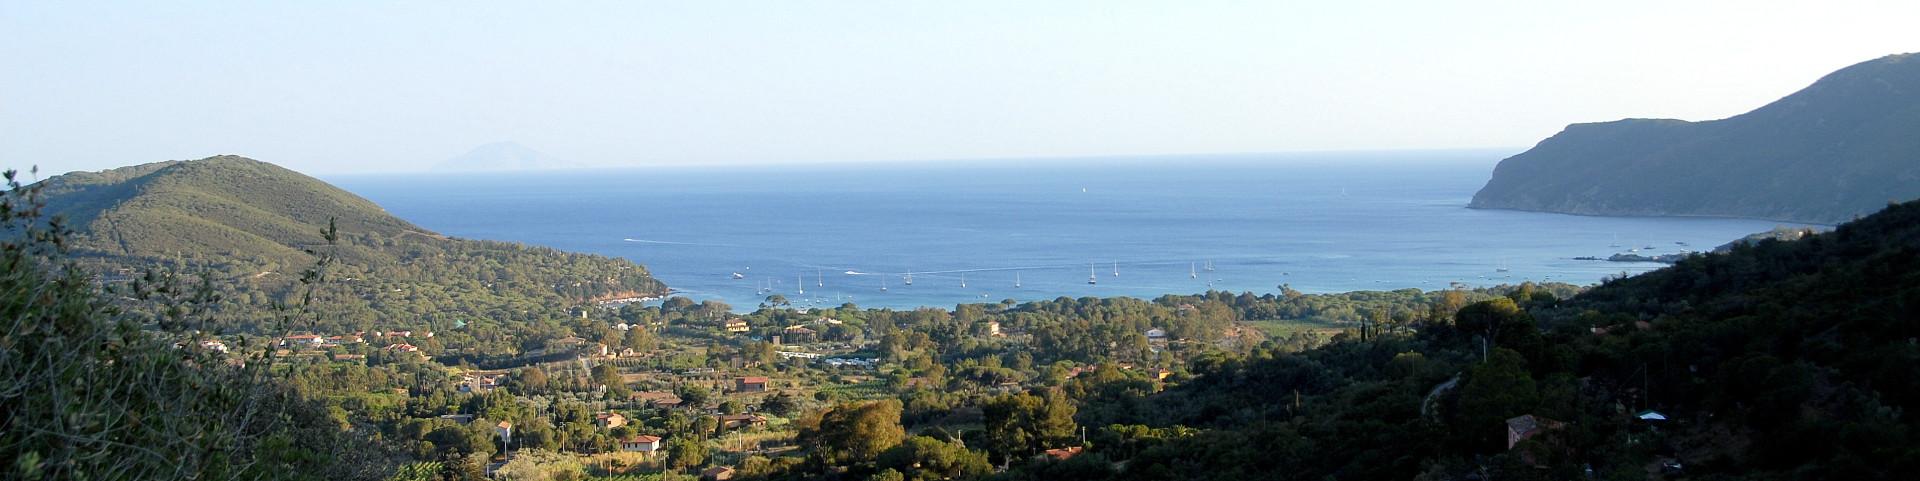 Lacona, celkový pohled na záliv, pláž Lacona, vpravo je vidět cíp pláže Laconella